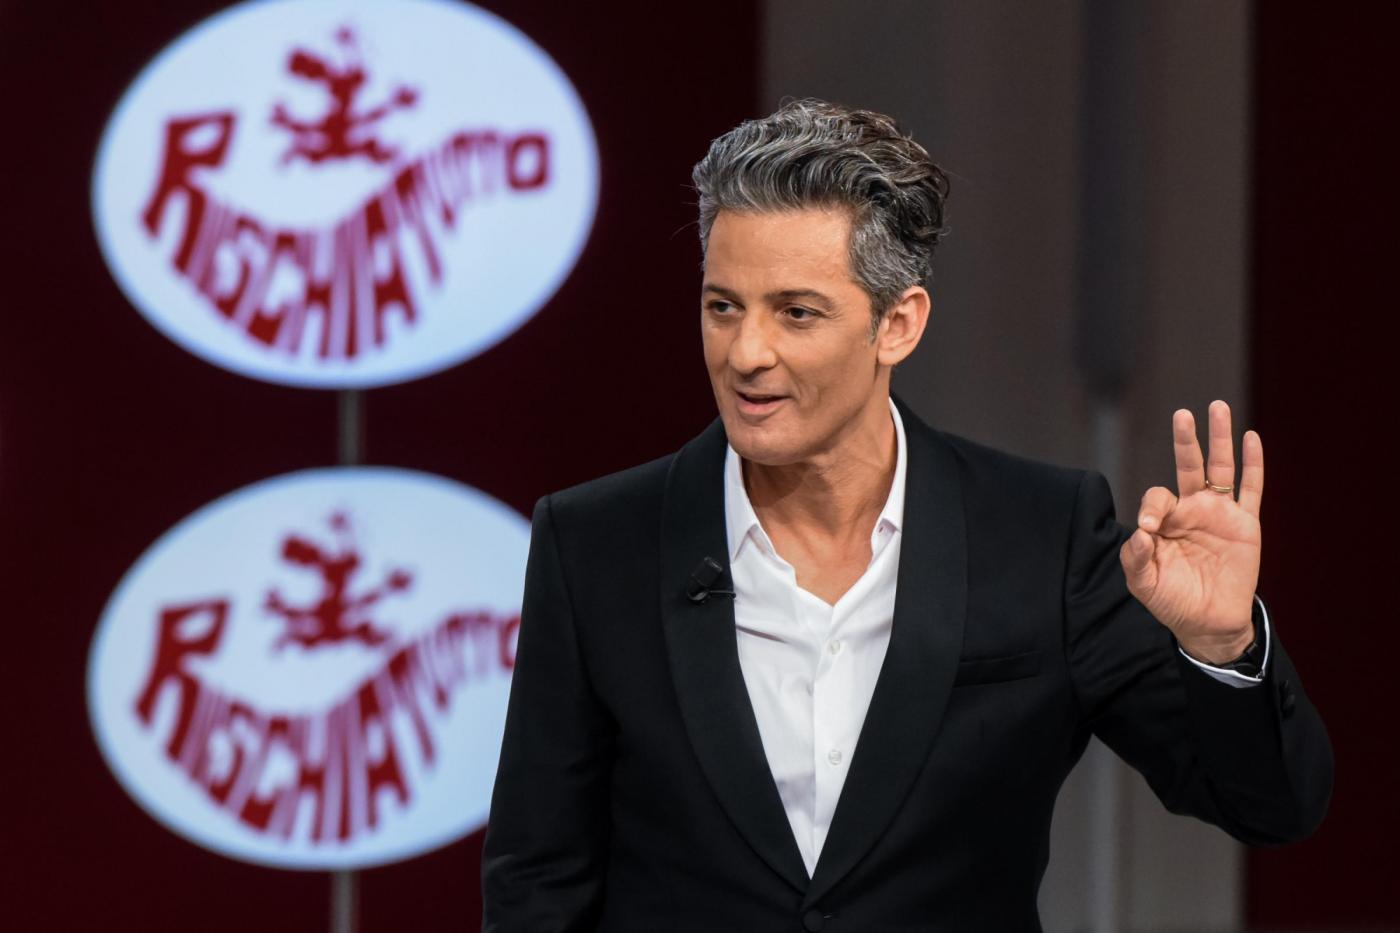 Fiorello in TV